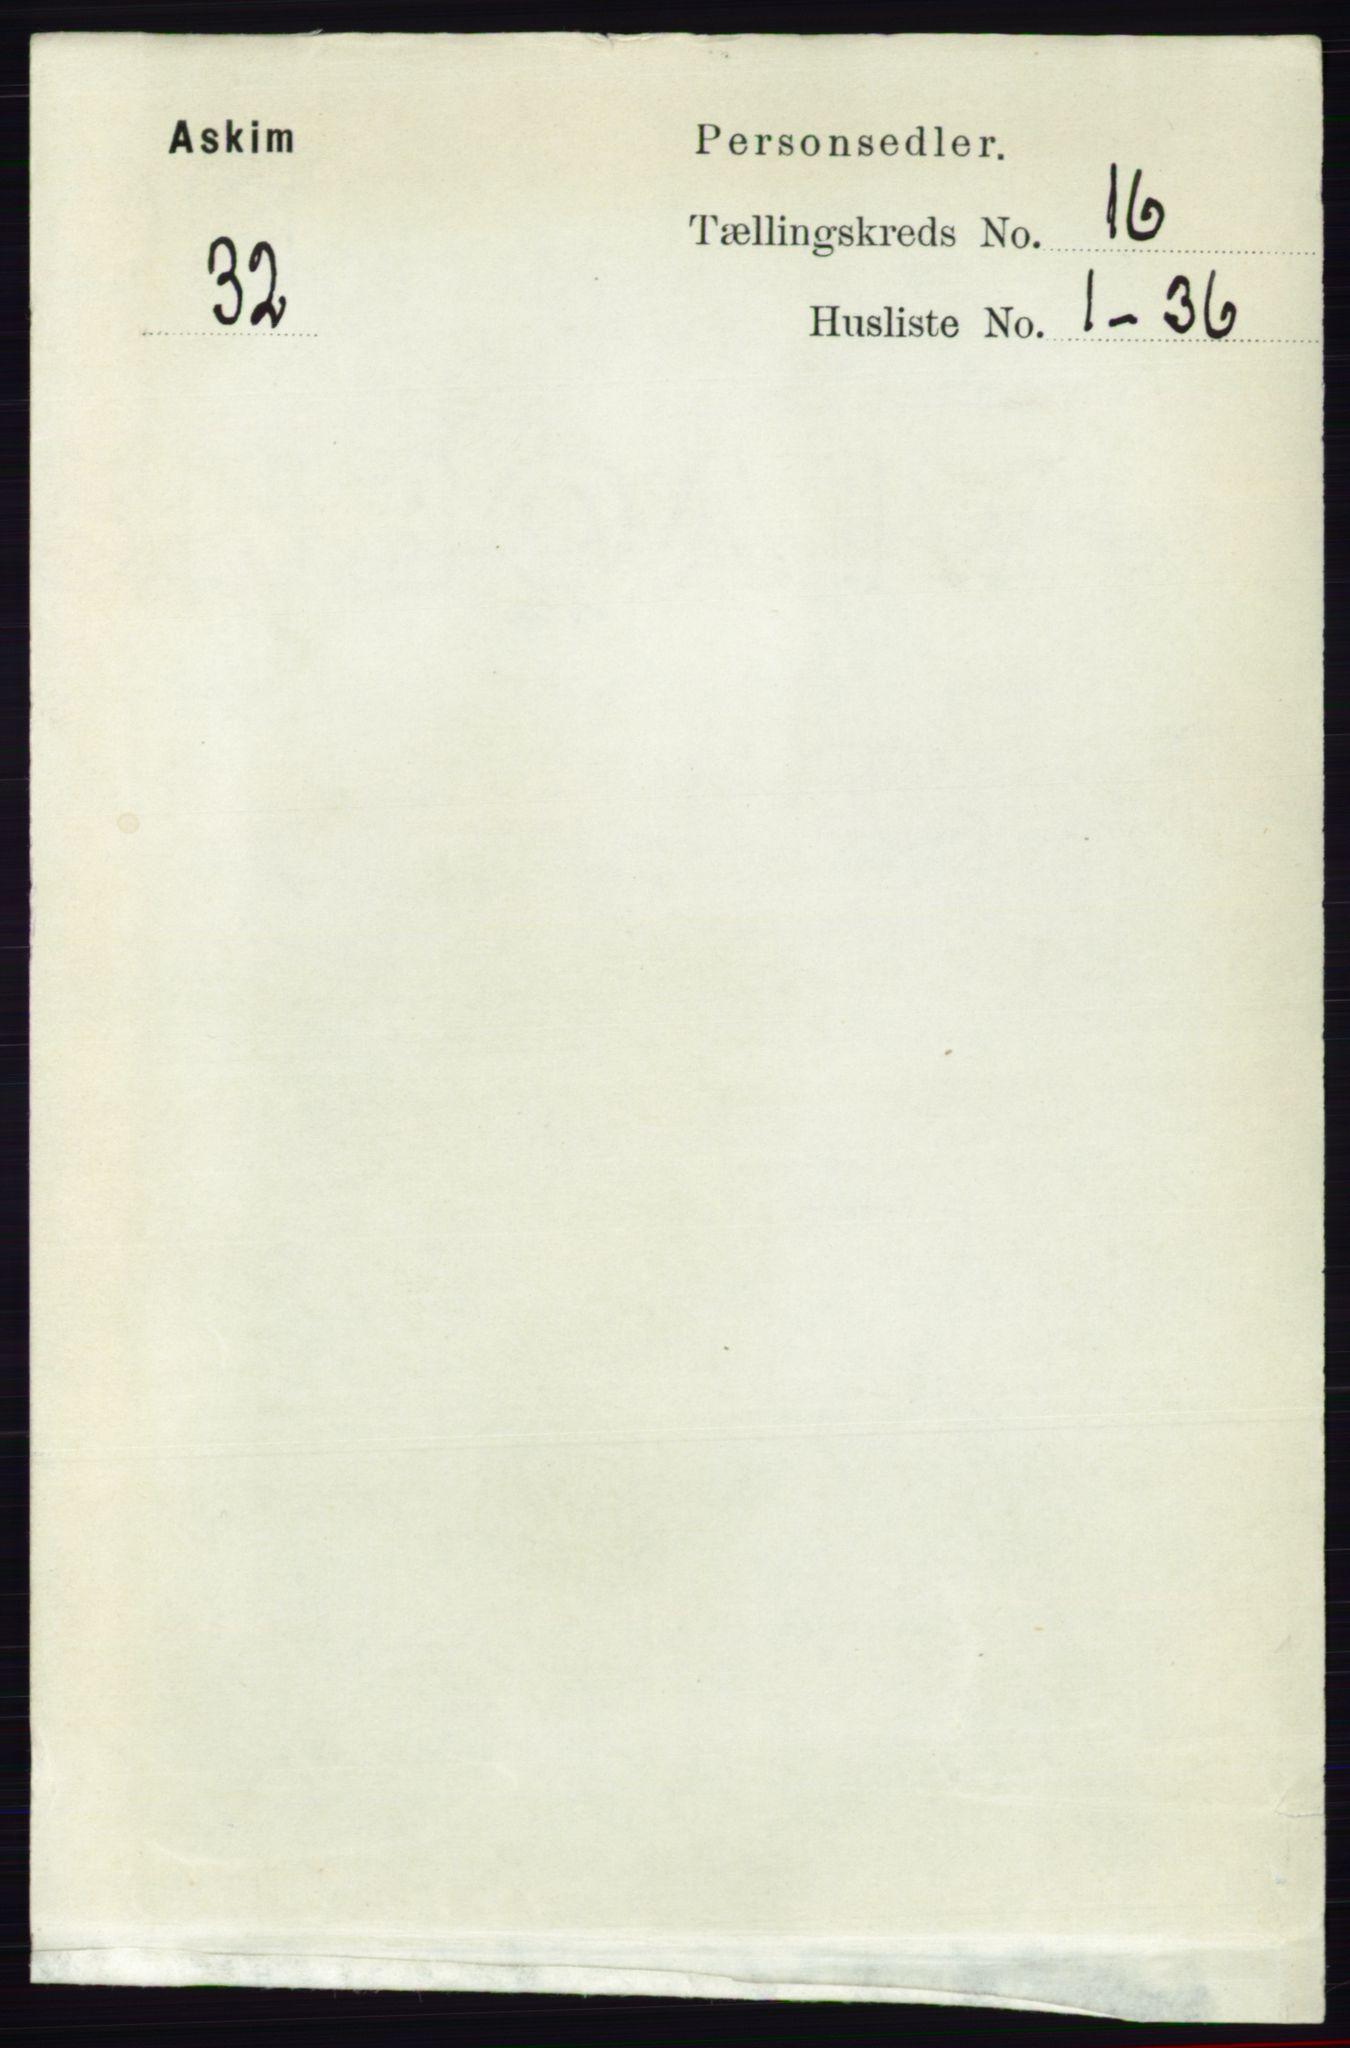 RA, Folketelling 1891 for 0124 Askim herred, 1891, s. 2640